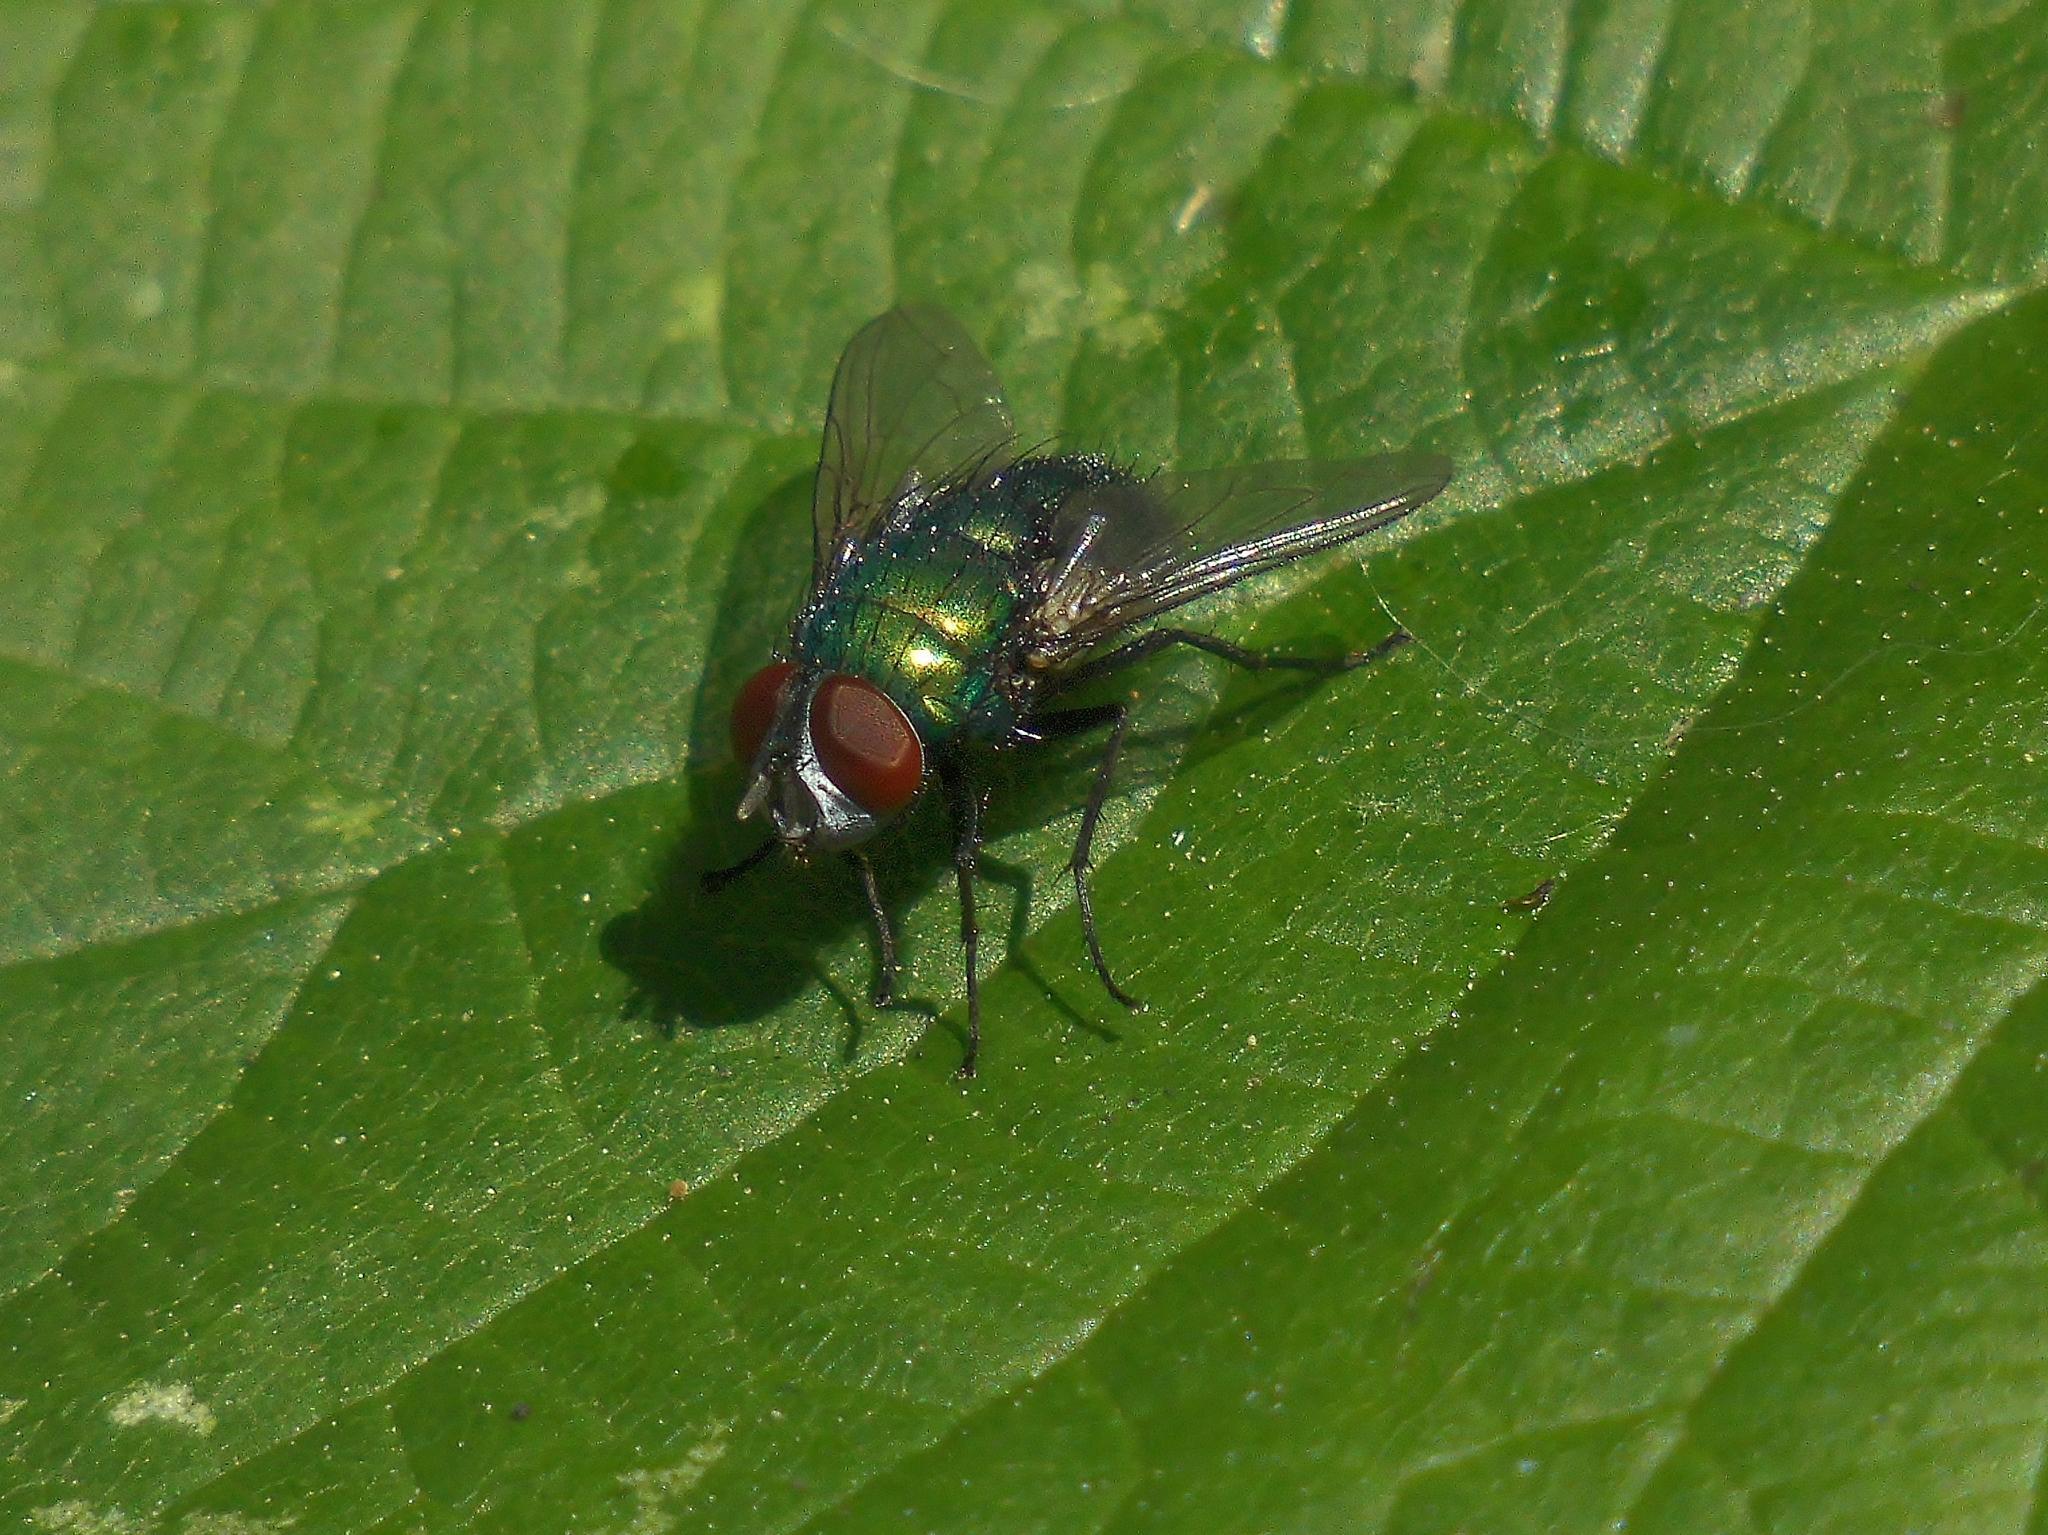 Jewel-like fly by Sallyw